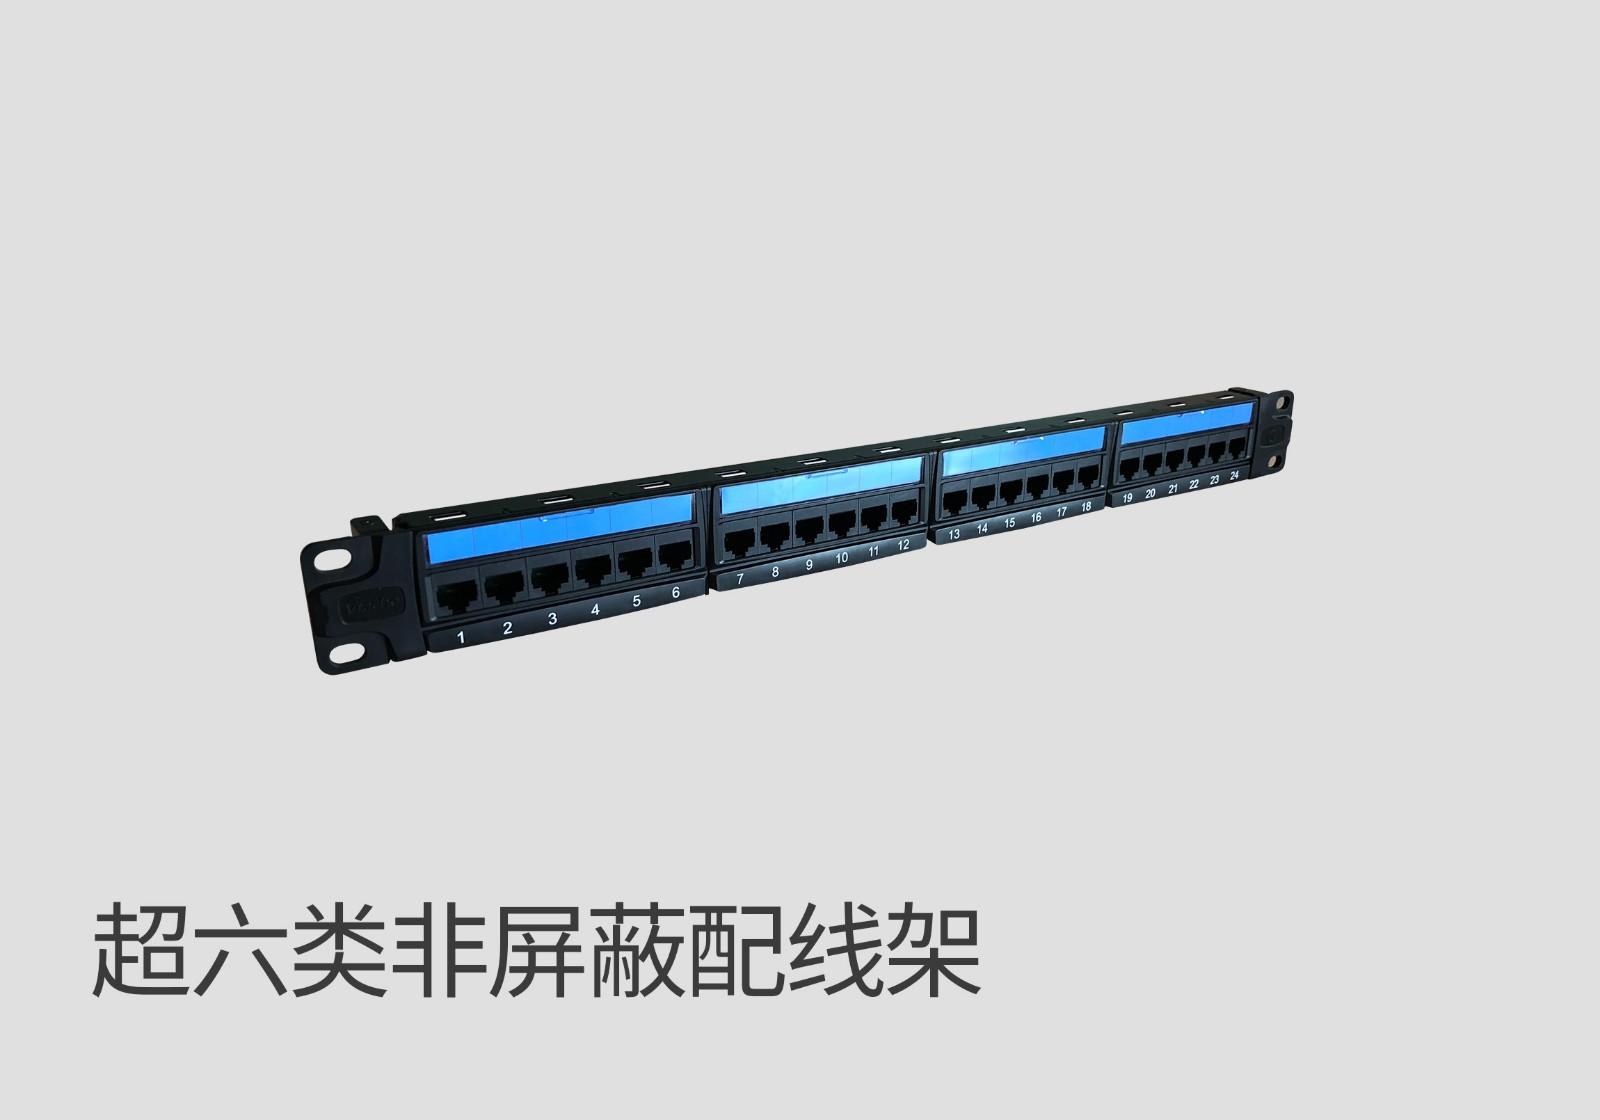 超六类非屏蔽配线架